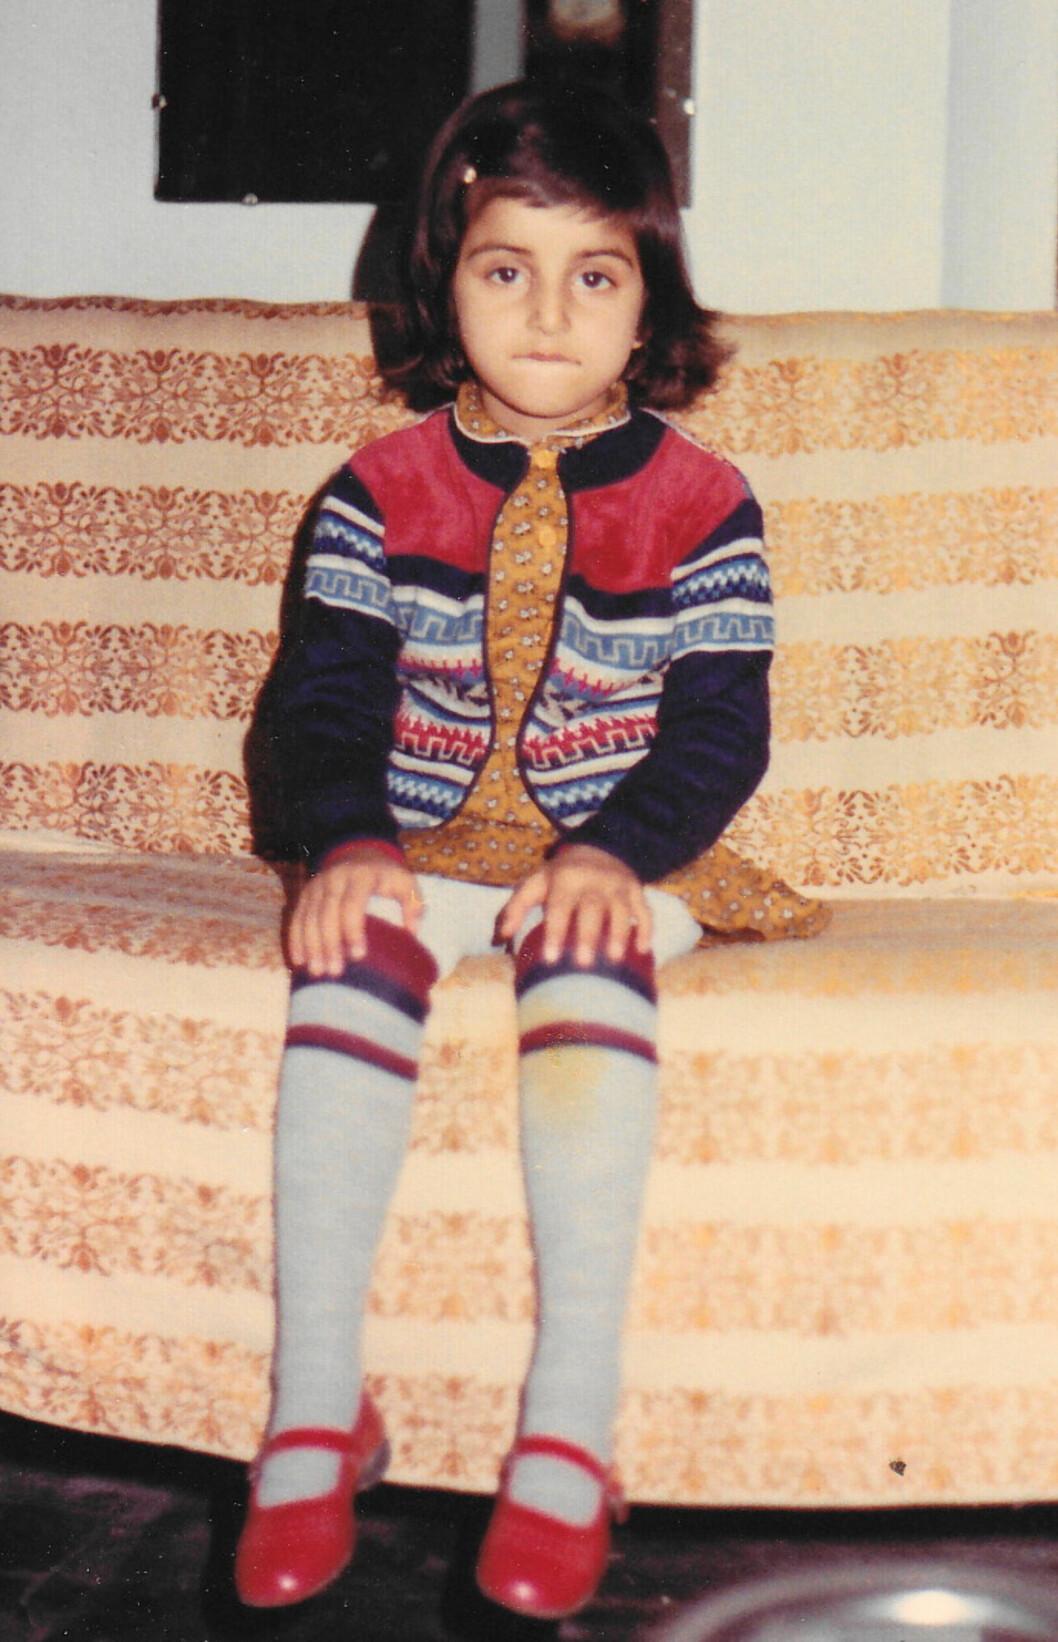 <strong>DEDIKERT:</strong> Deeyahs barndom var ikke typisk norsk. Hun måtte tidlig lære seg å jobbe hardt.  Foto: Privat